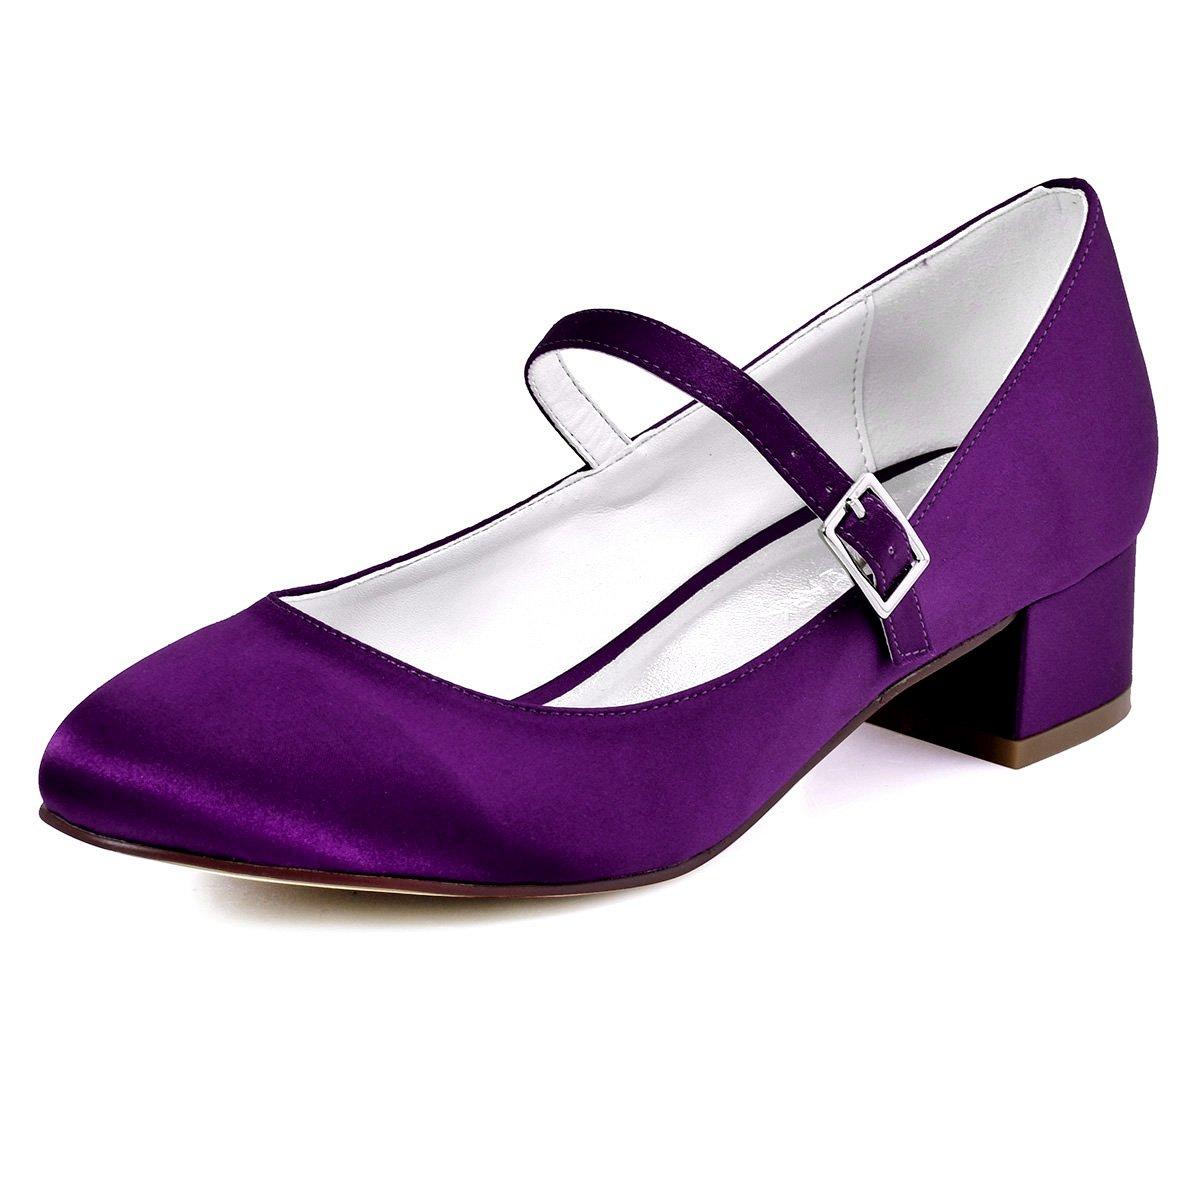 ElegantPark Femmes Fermé Toe Bloc Fermé Violet Talon Mary Chaussures Jane Pompes Satin Chaussures de Mariage Soirée Violet 31ca03d - shopssong.space